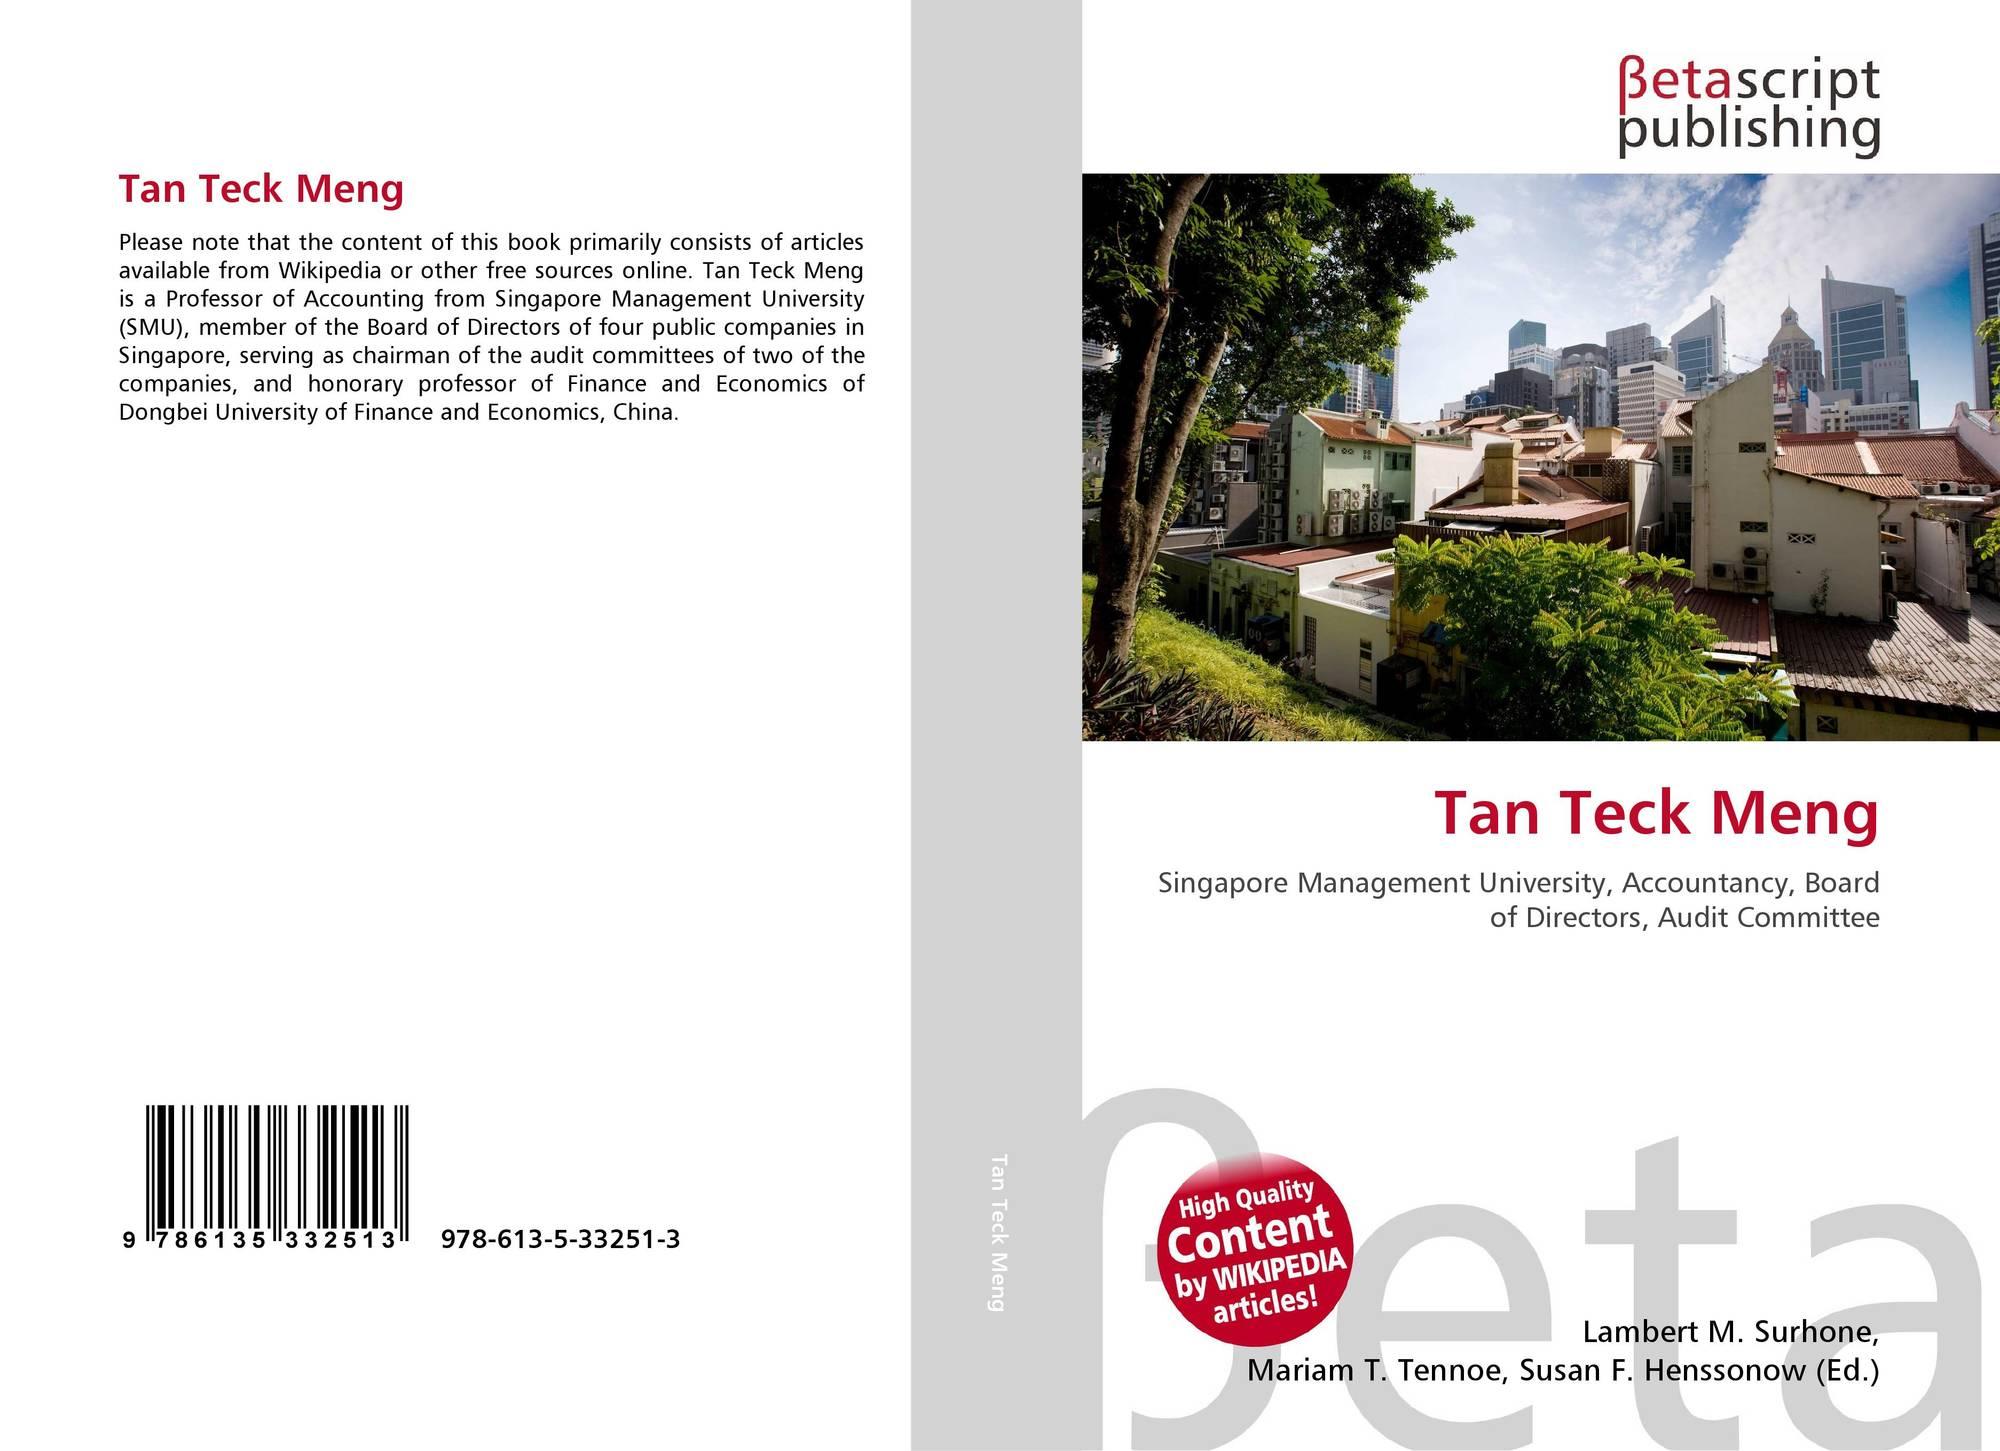 Tan Teck Meng, 978-613-5-33251-3, 6135332511 ,9786135332513